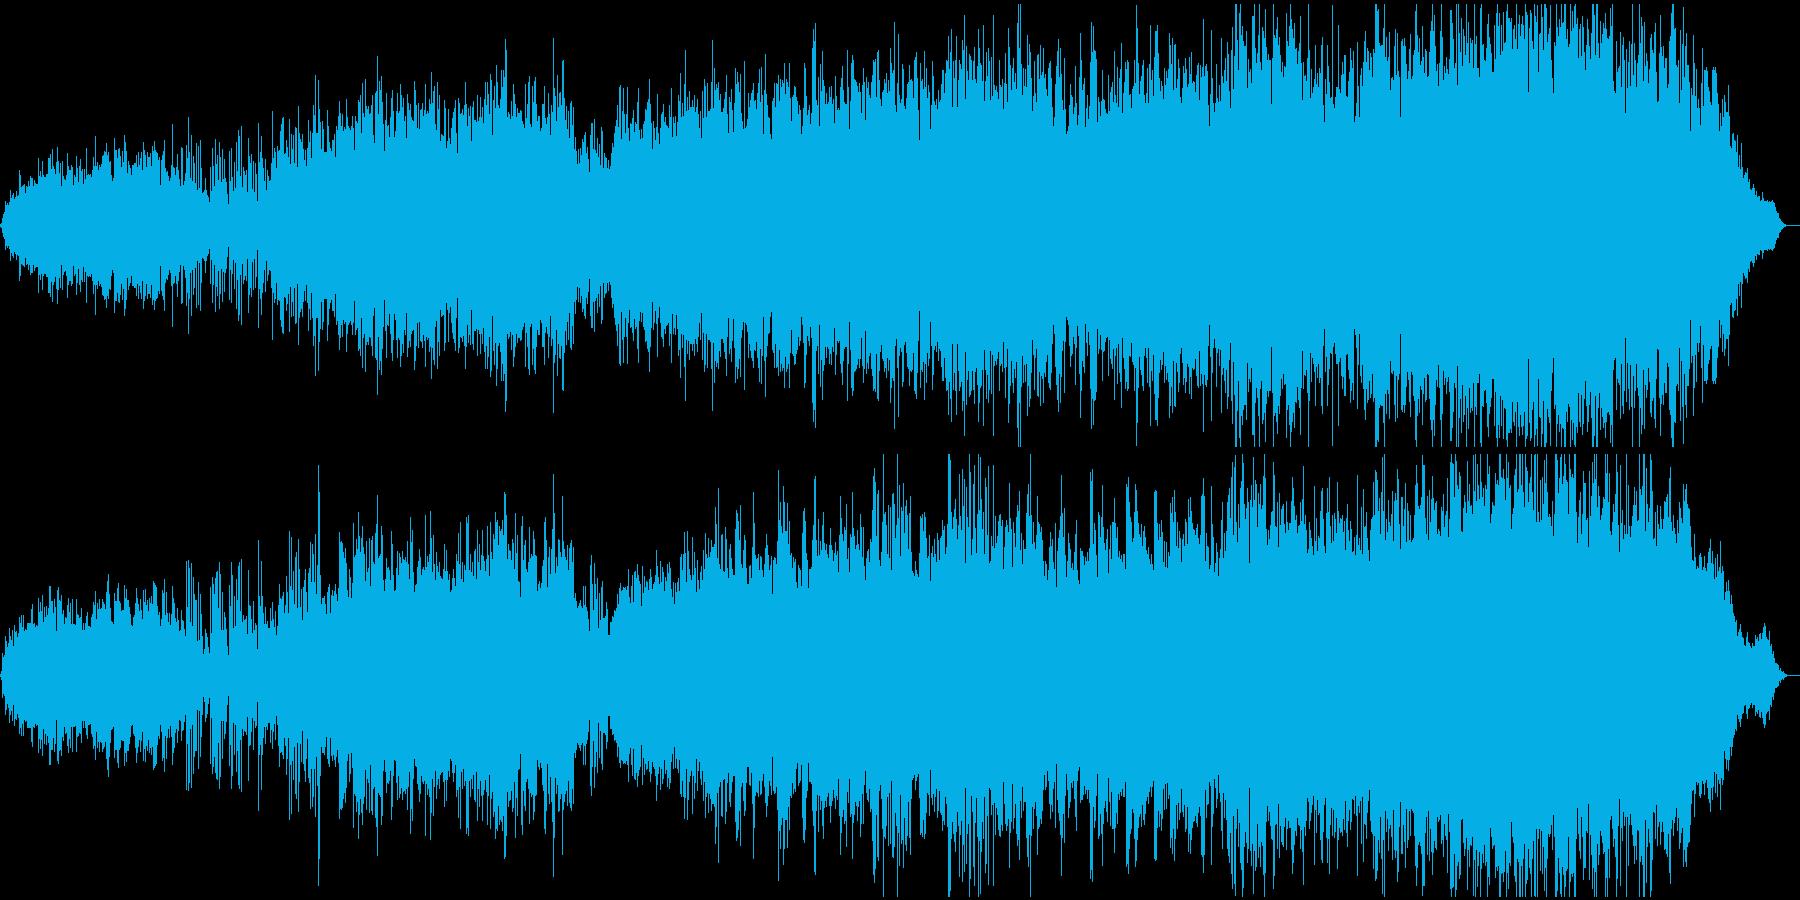 中国の伝統的な哀愁のある楽曲のメドレーの再生済みの波形